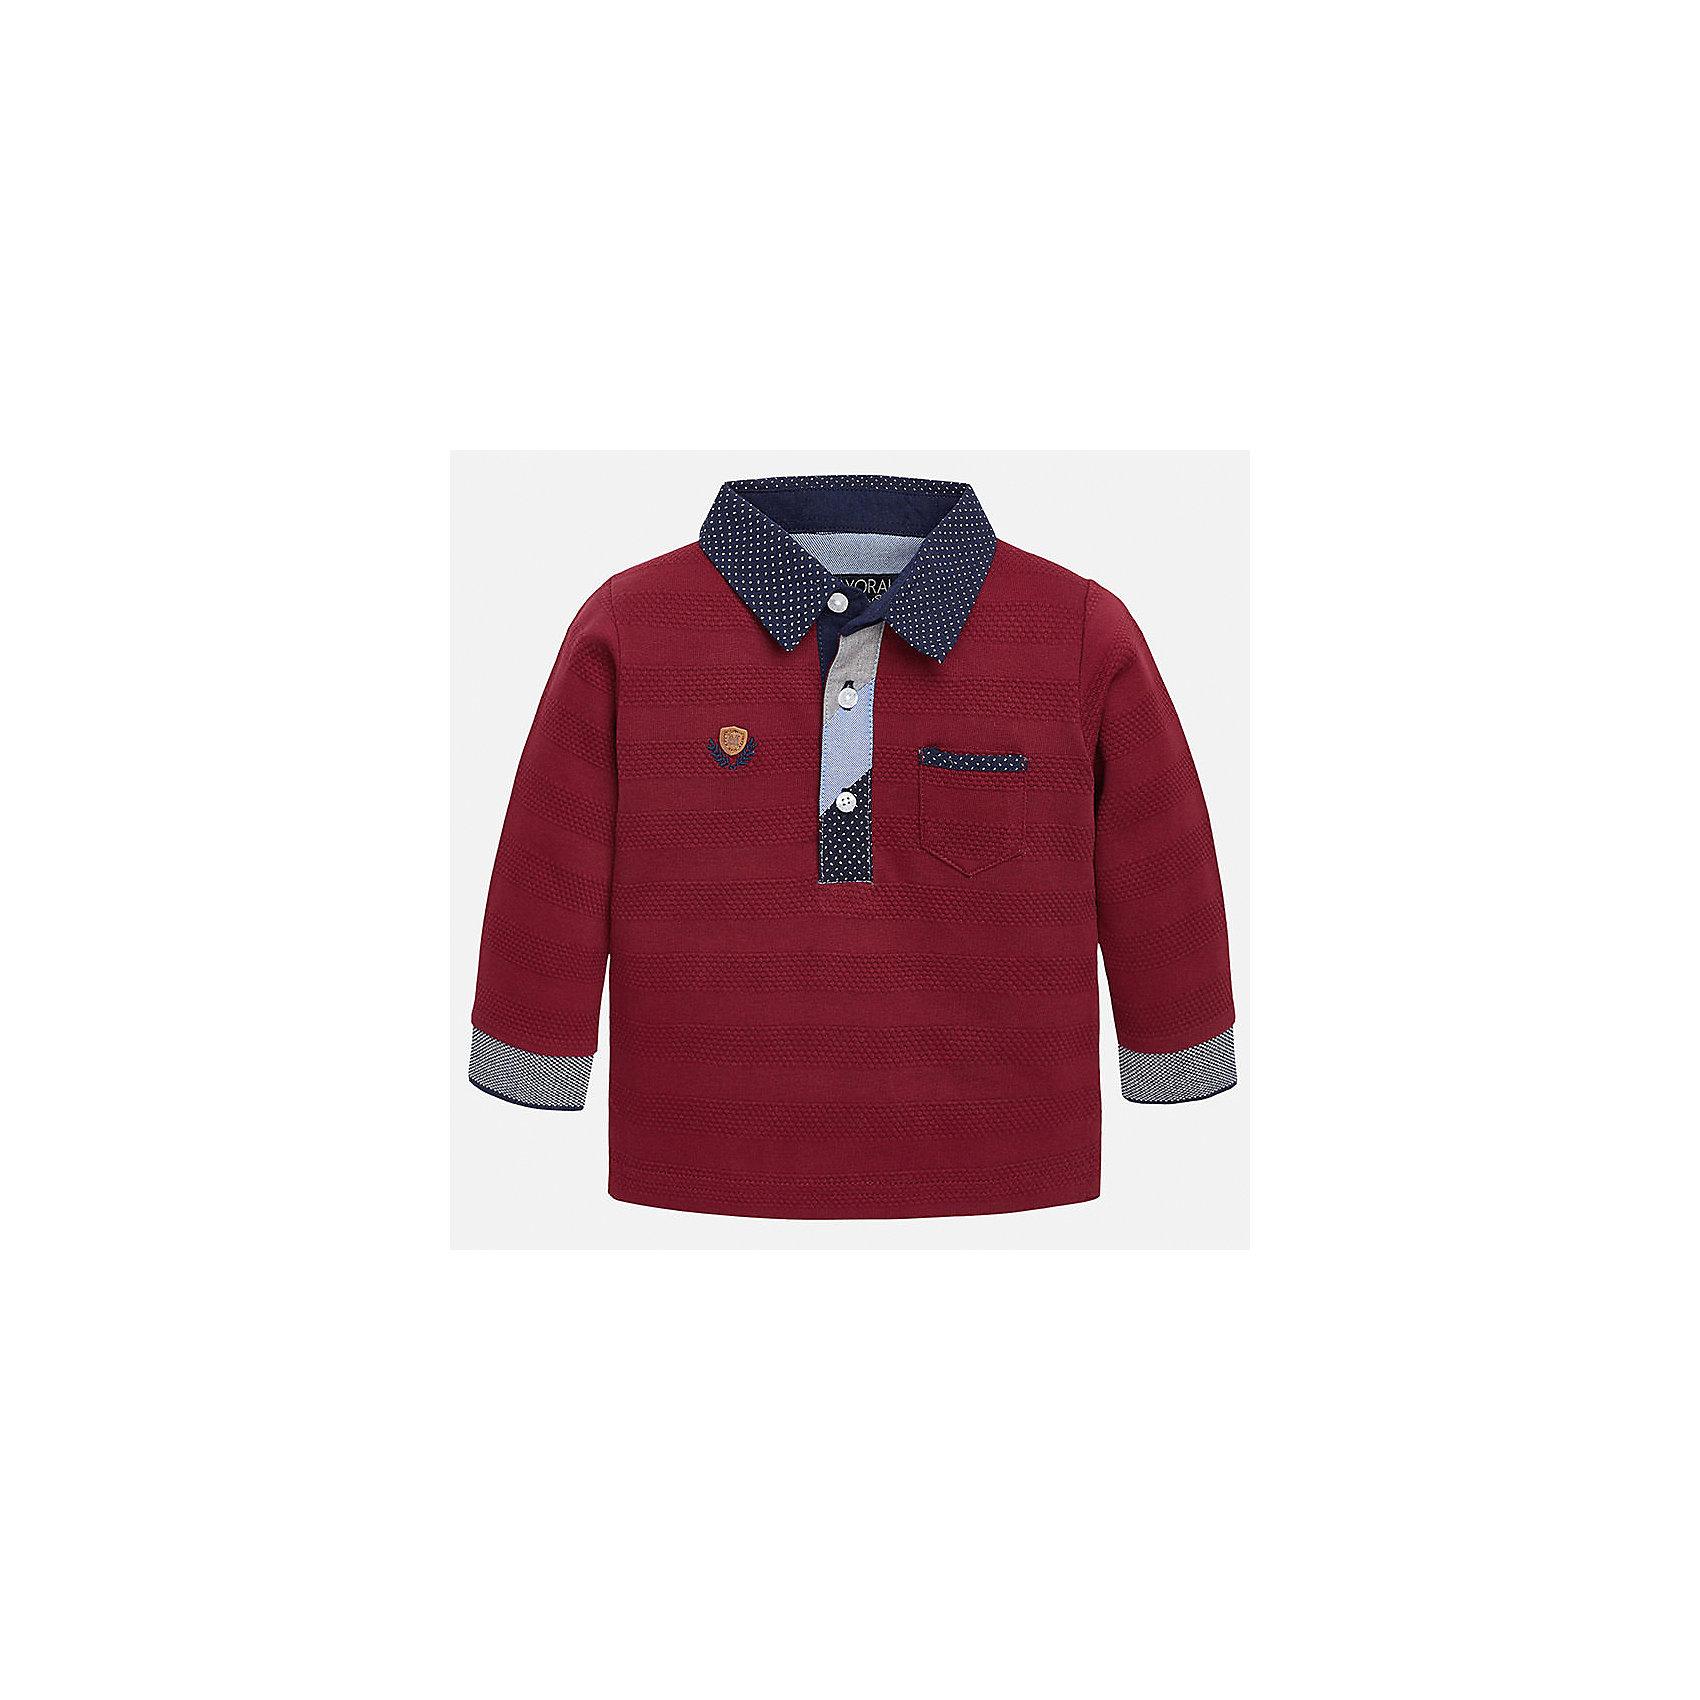 Футболка-поло с длинным рукавом для мальчика MayoralФутболки с длинным рукавом<br>Рубашка-поло для мальчика от известного испанского бренда Mayoral. Рубашка изготовлена из натурального мягкого хлопка. Контрастная расцветка ворота и манжетов придаст образу вашего ребенка особую утонченность.<br>Дополнительная информация:<br>-прямой силуэт<br>-длинные рукава<br>-3 застежки-пуговицы на вороте<br>-карман на груди<br>-эмблема фирмы на груди<br>-цвет: красный/синий<br>состав: 100% хлопок<br>Рубашку-поло Mayoral можно приобрести в нашем интернет-магазине.<br><br>Ширина мм: 174<br>Глубина мм: 10<br>Высота мм: 169<br>Вес г: 157<br>Цвет: бордовый<br>Возраст от месяцев: 12<br>Возраст до месяцев: 18<br>Пол: Мужской<br>Возраст: Детский<br>Размер: 86,80,92<br>SKU: 4820524